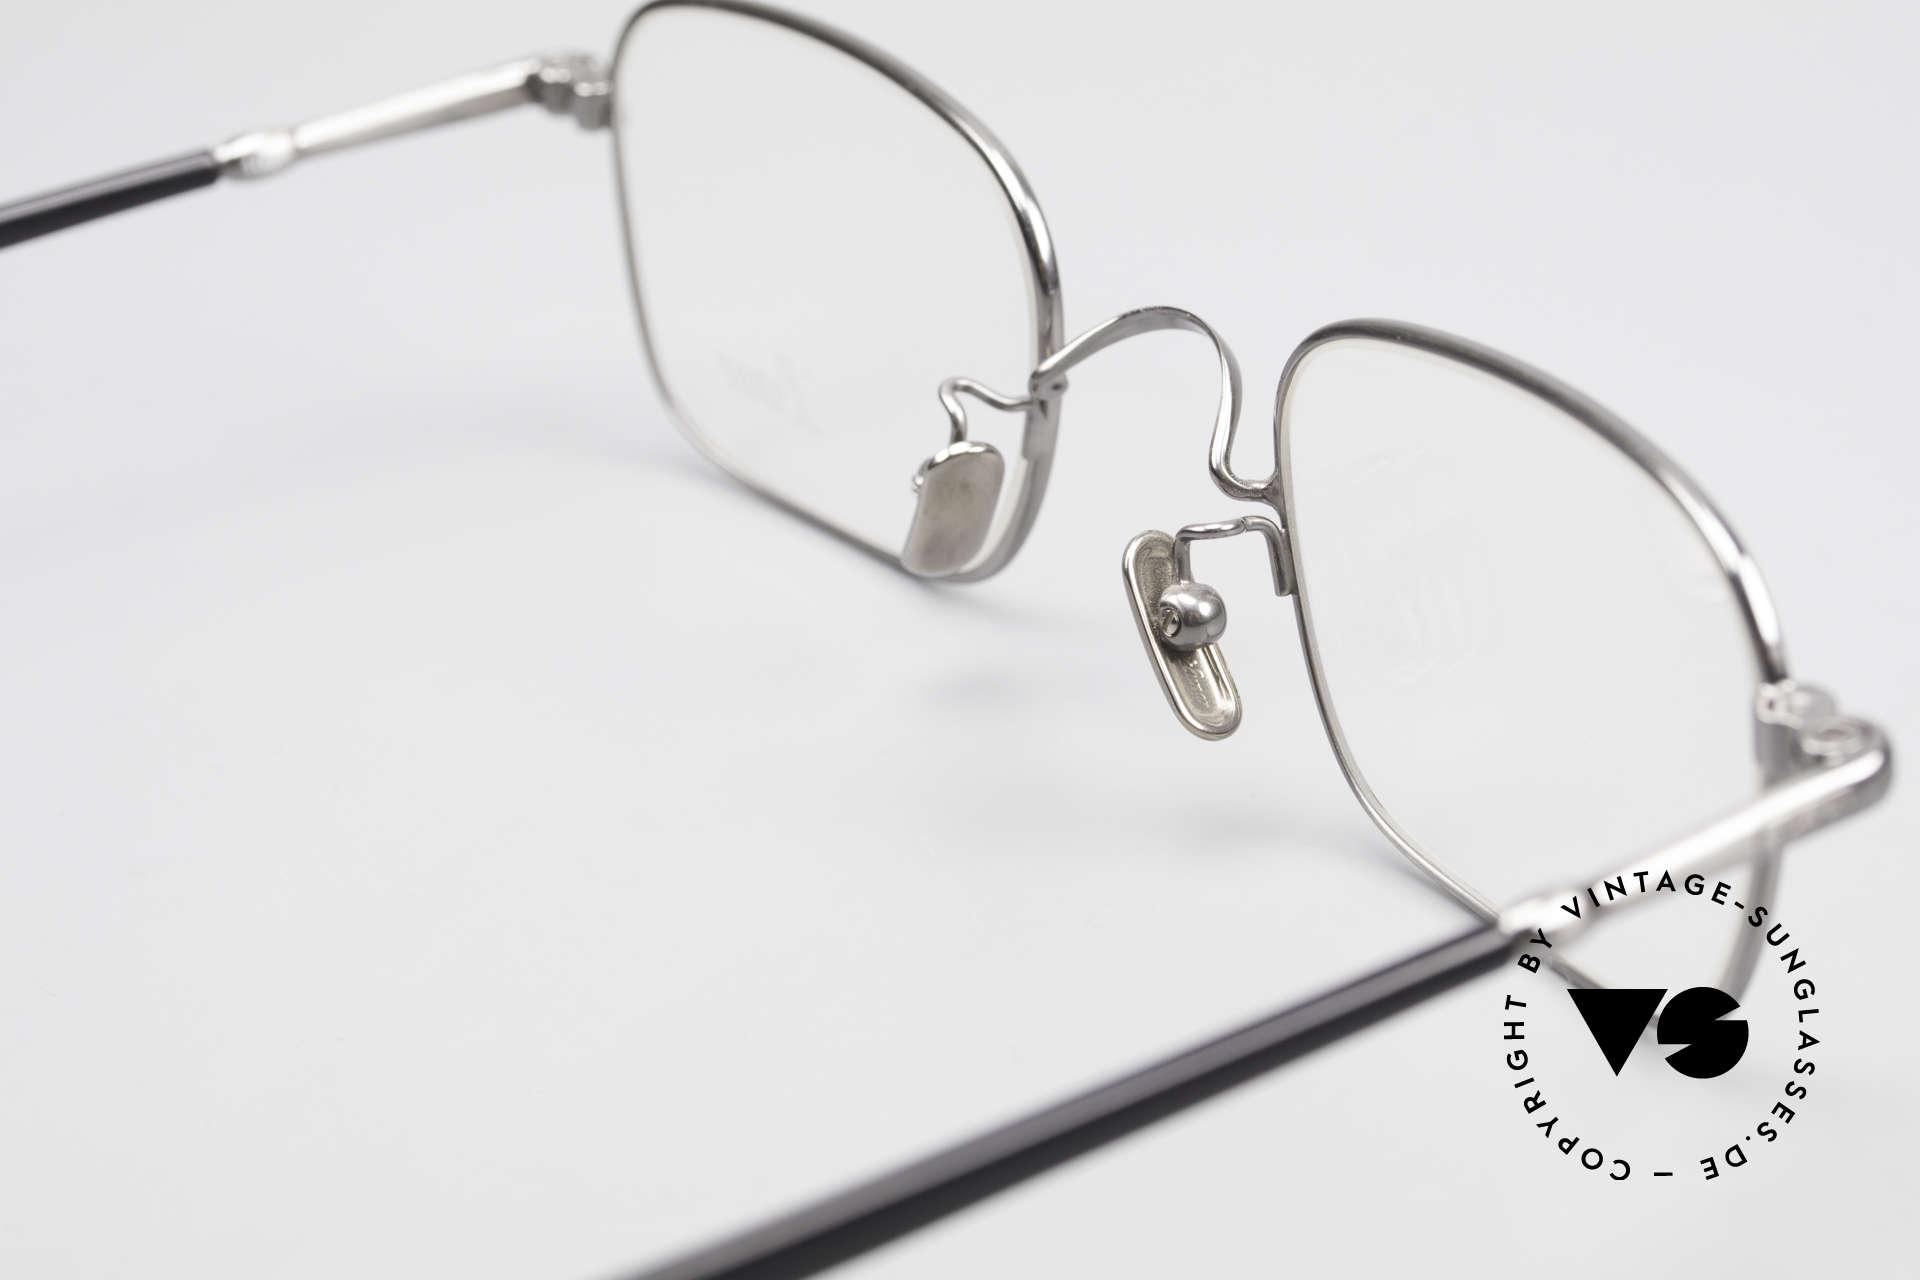 Lunor VA 109 Classic Gentlemen's Glasses, unworn, with acetate temples and titanium nose pads, Made for Men